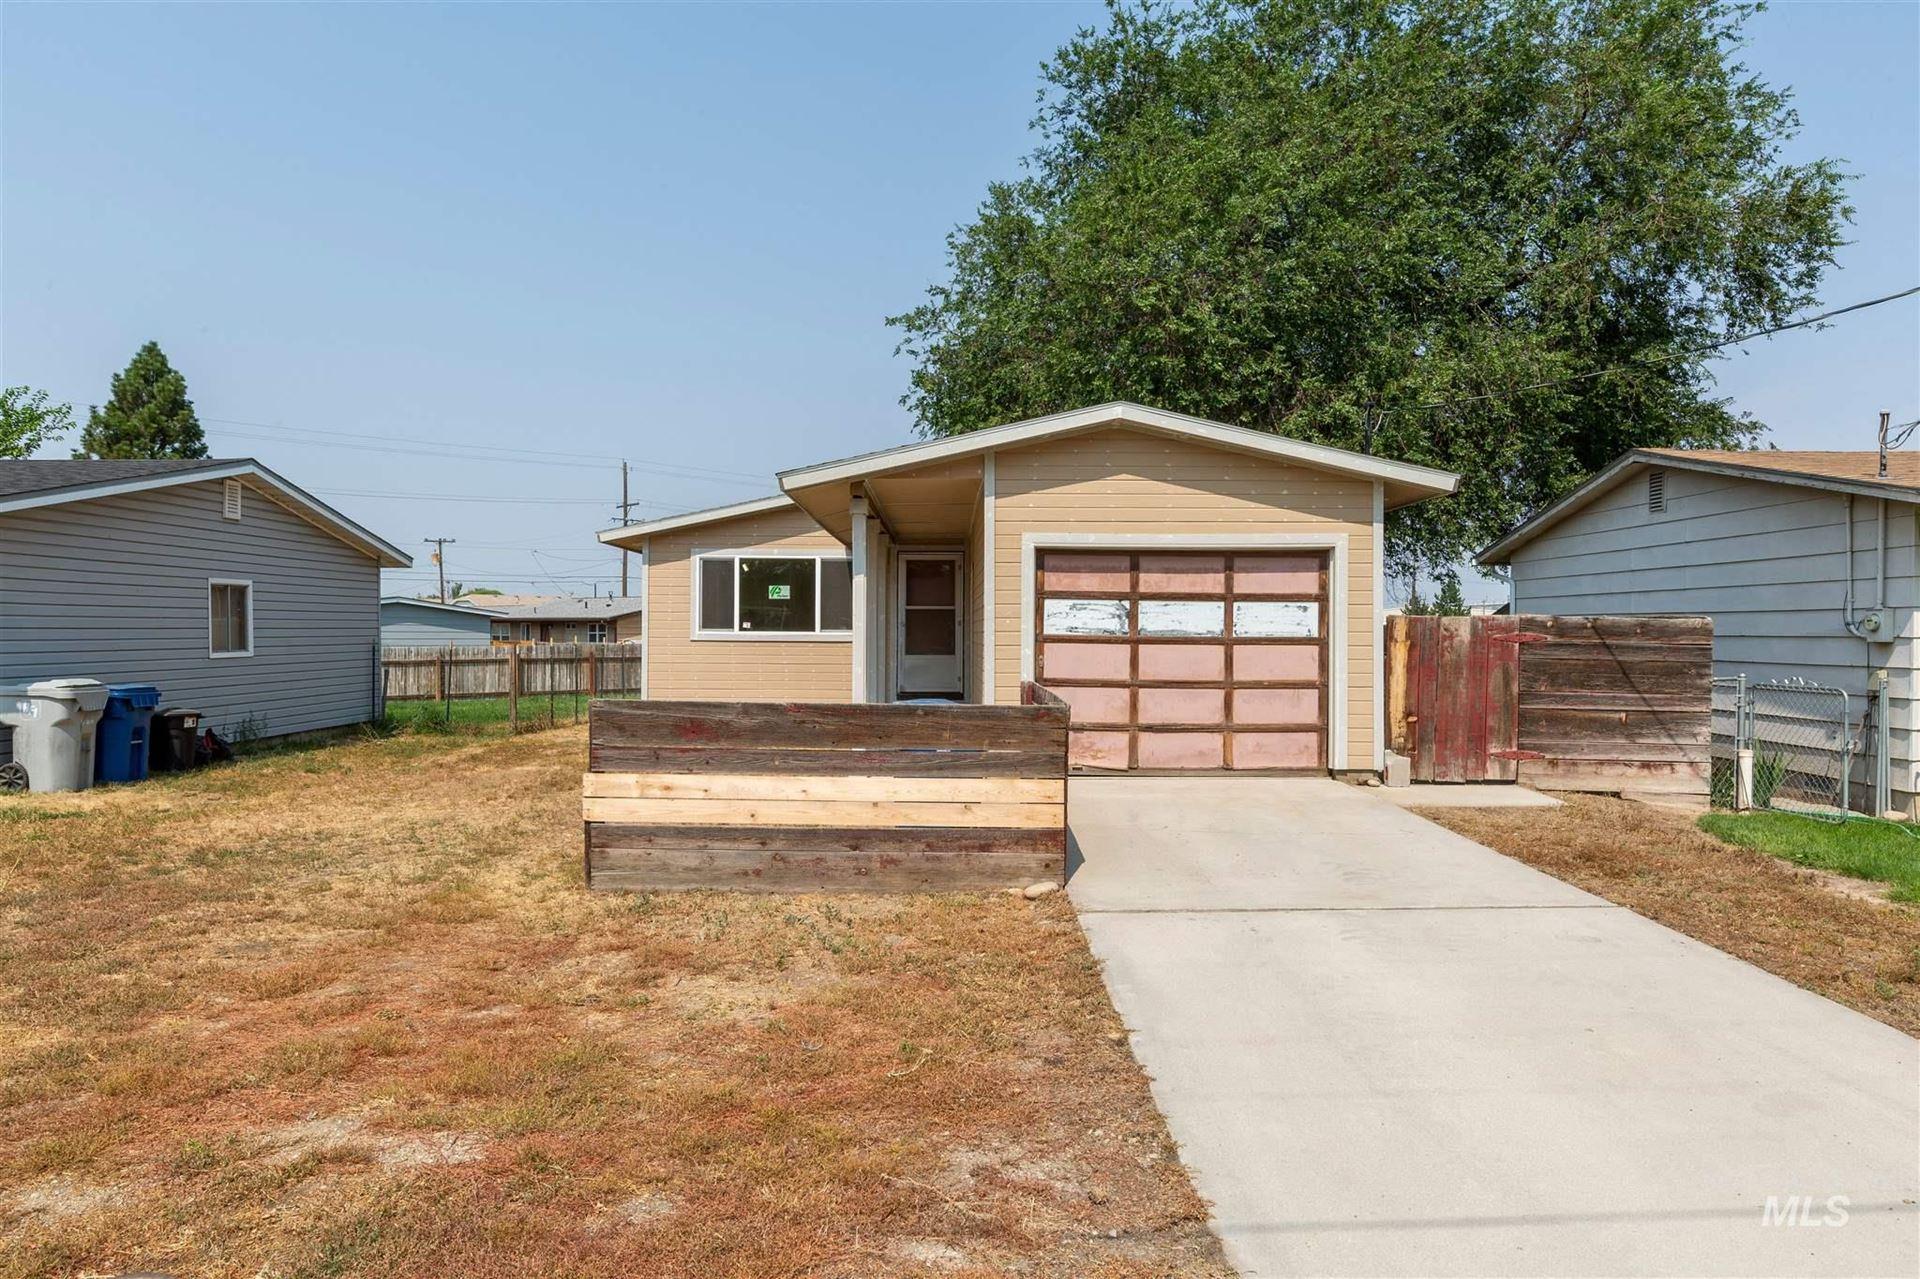 1126 Powell, Nampa, ID 83687 - MLS#: 98779073